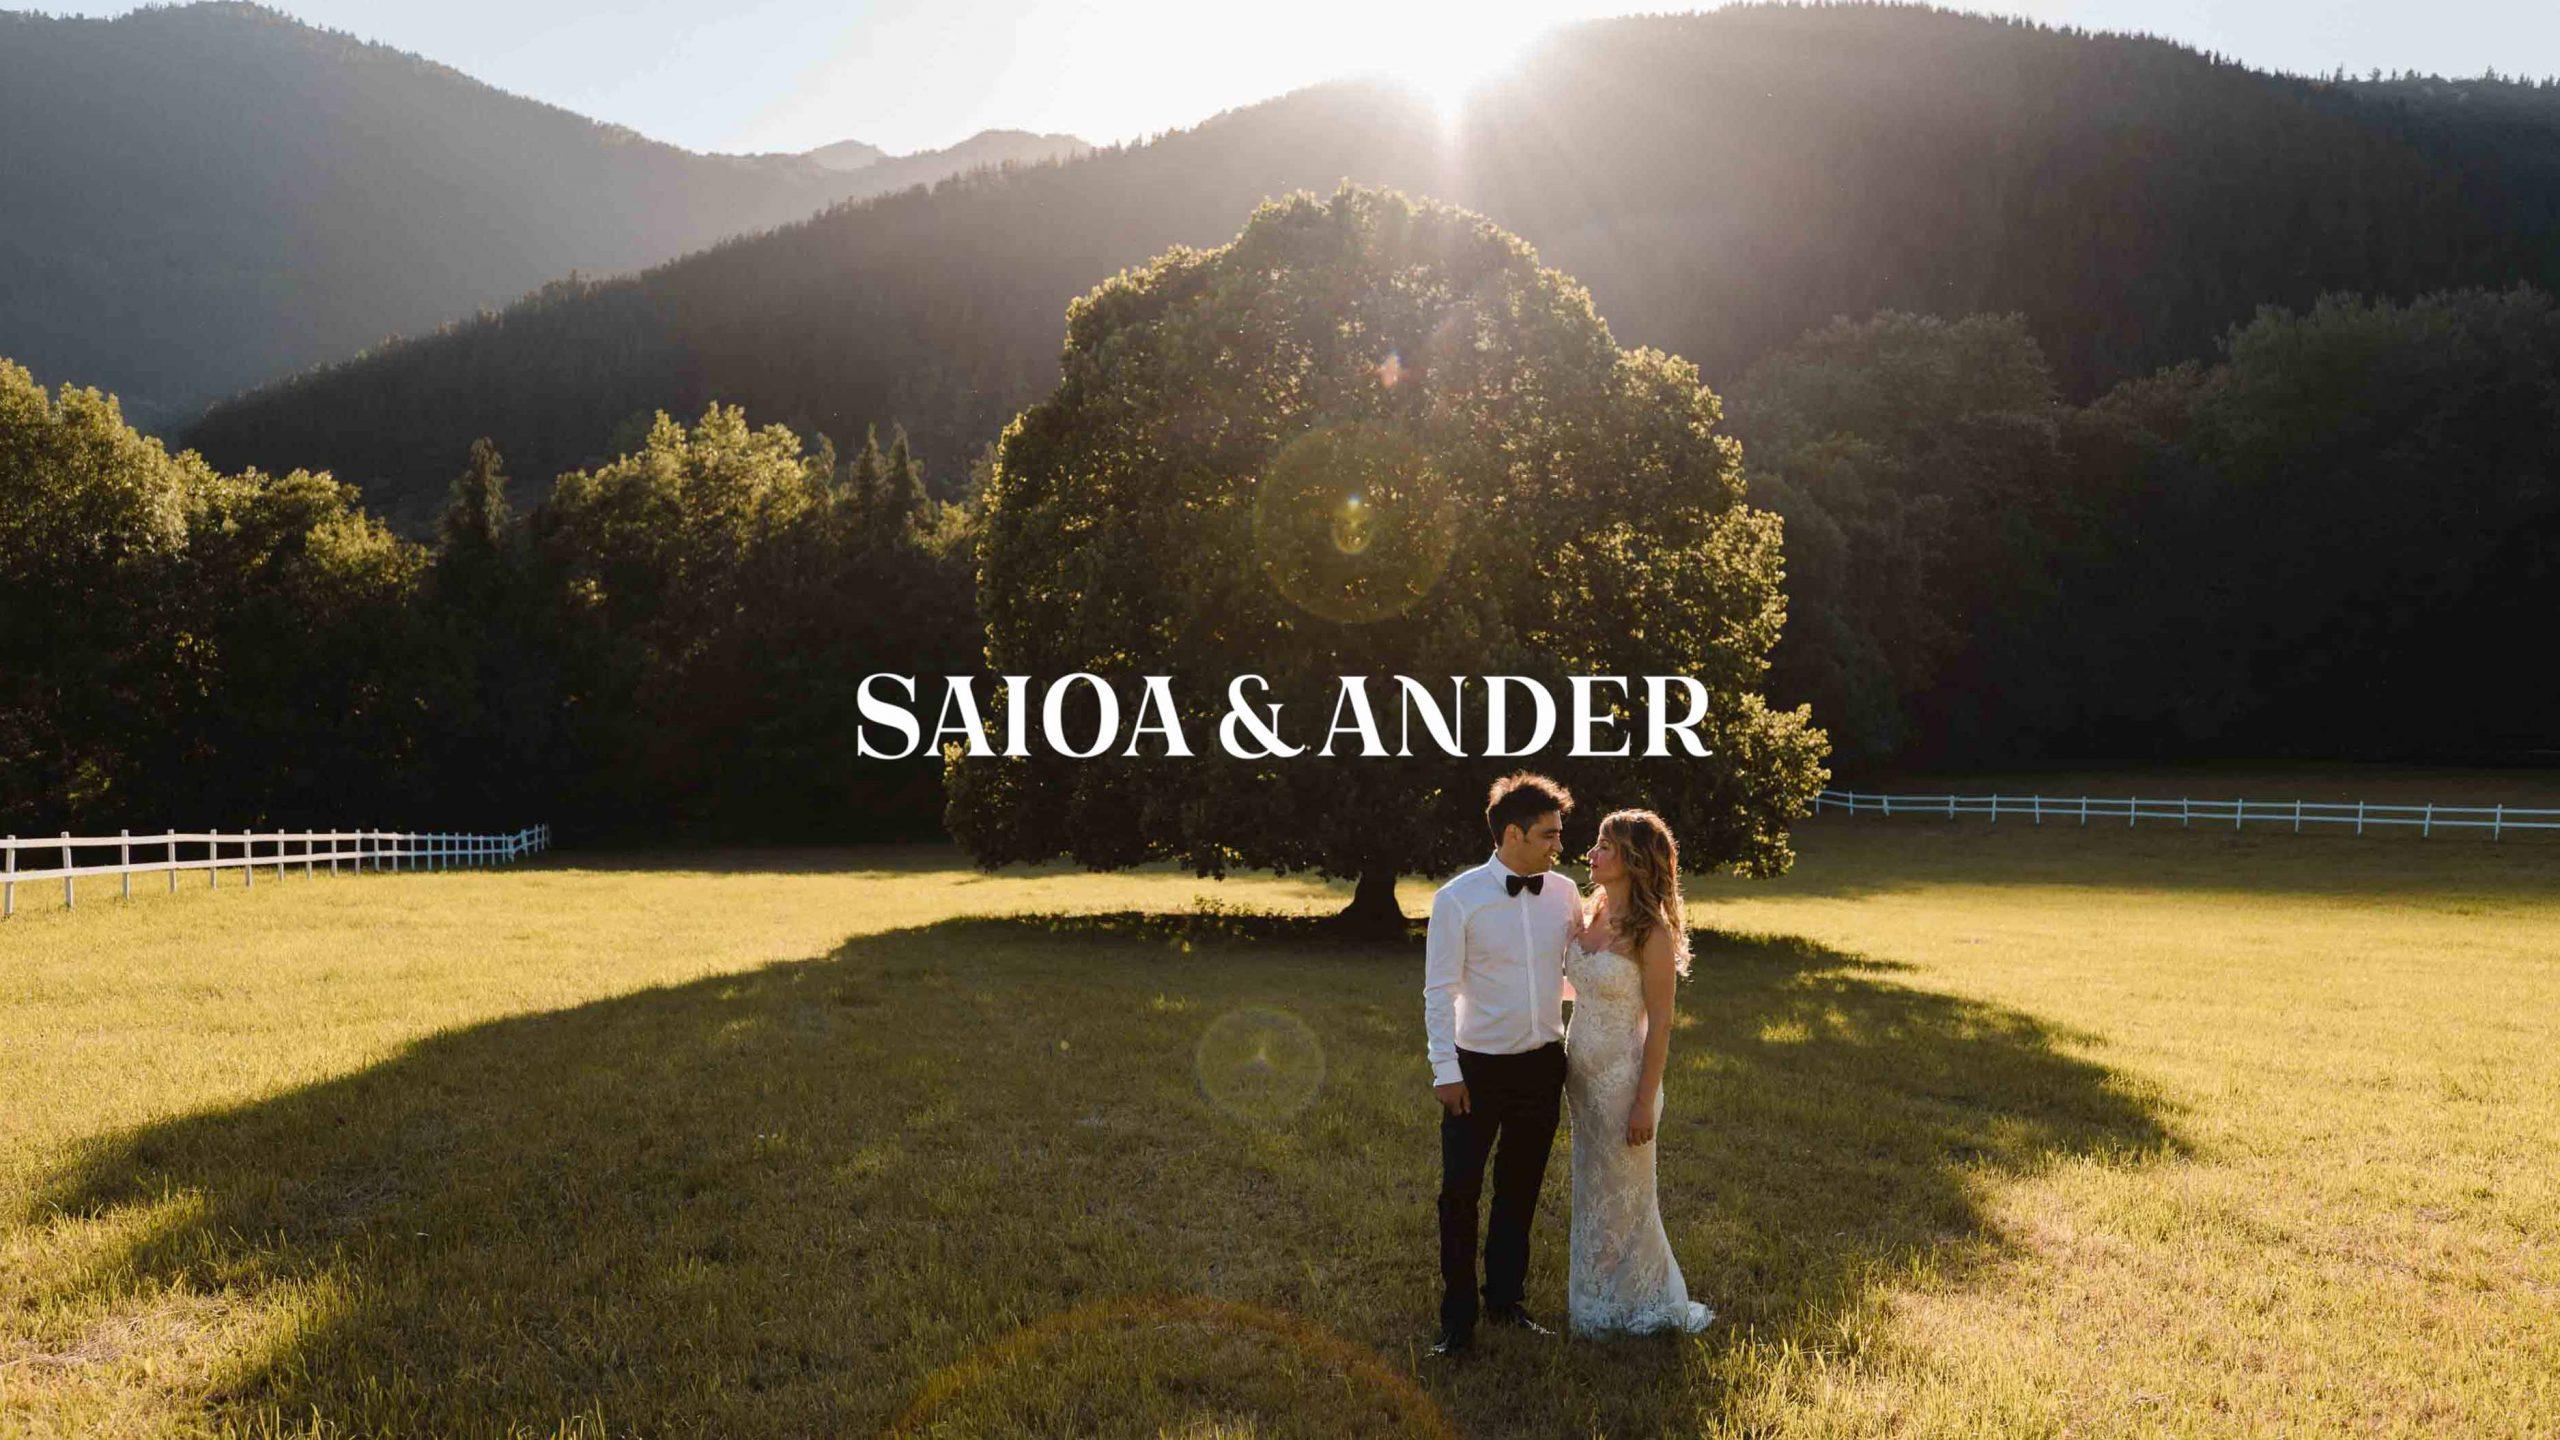 SAIOA & ANDER PORTADA